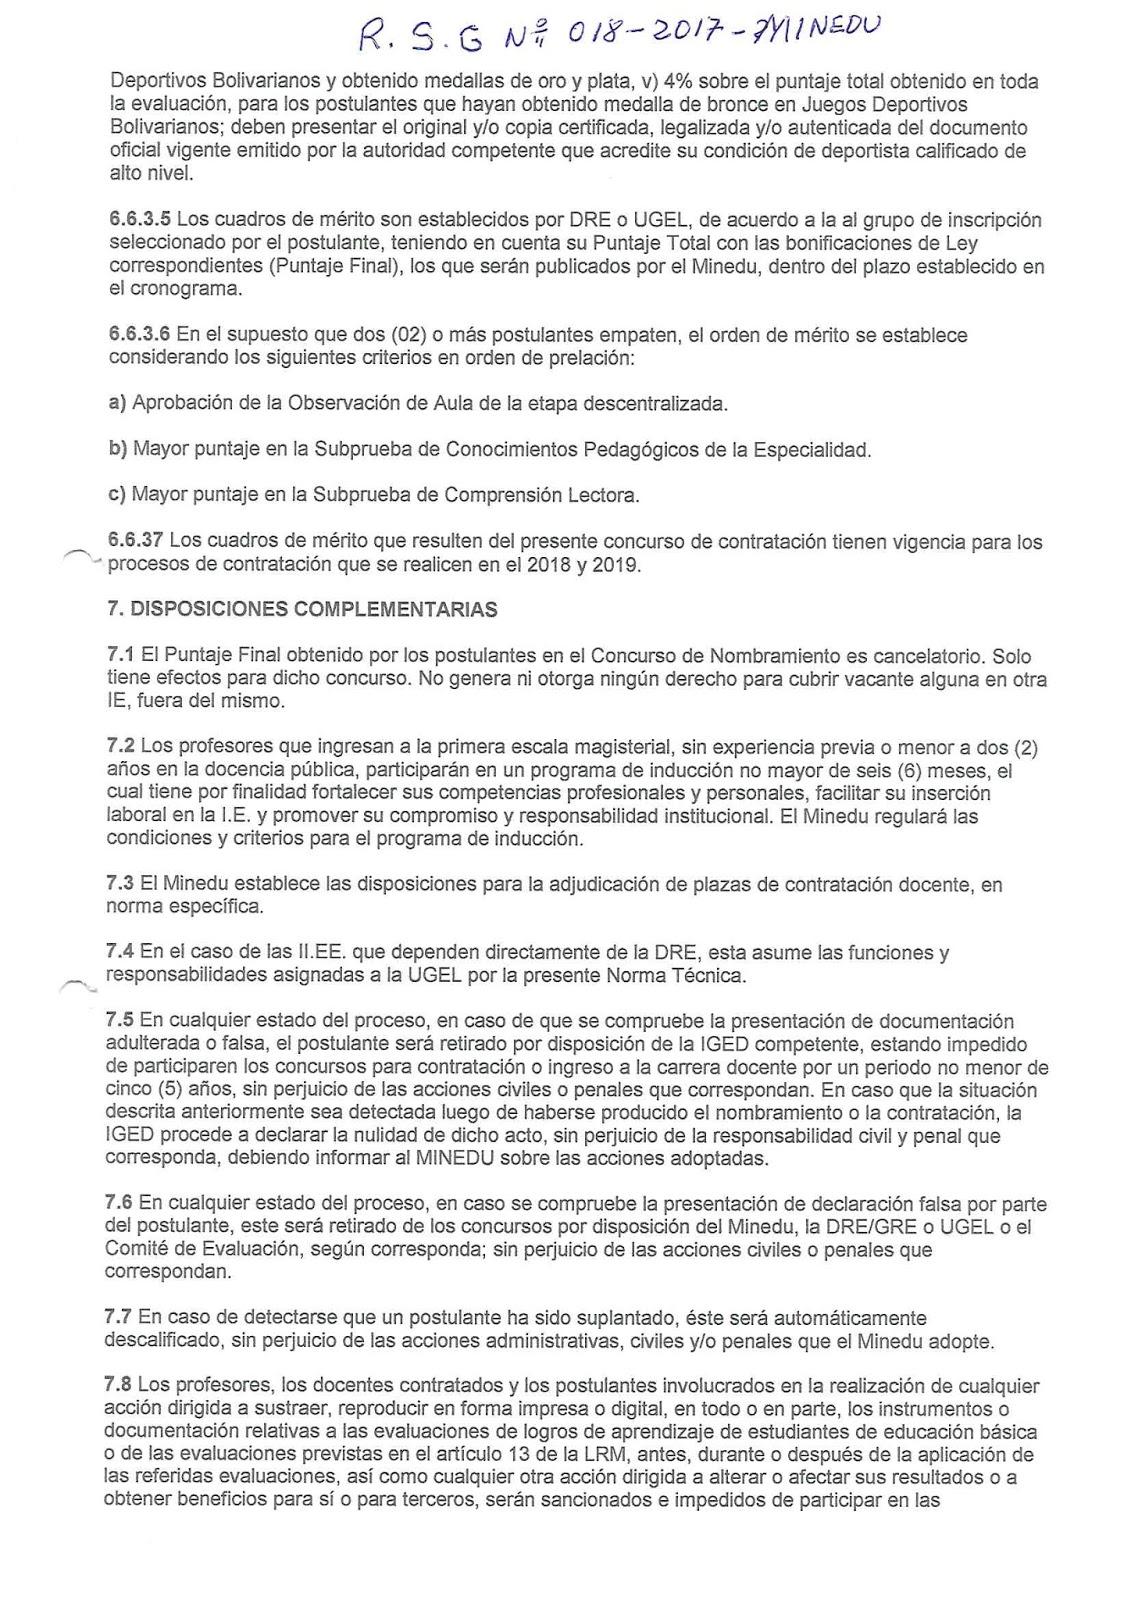 Ugel condesuyos etapa de contrataci n docente 2018 y for Convocatoria de plazas docentes 2017